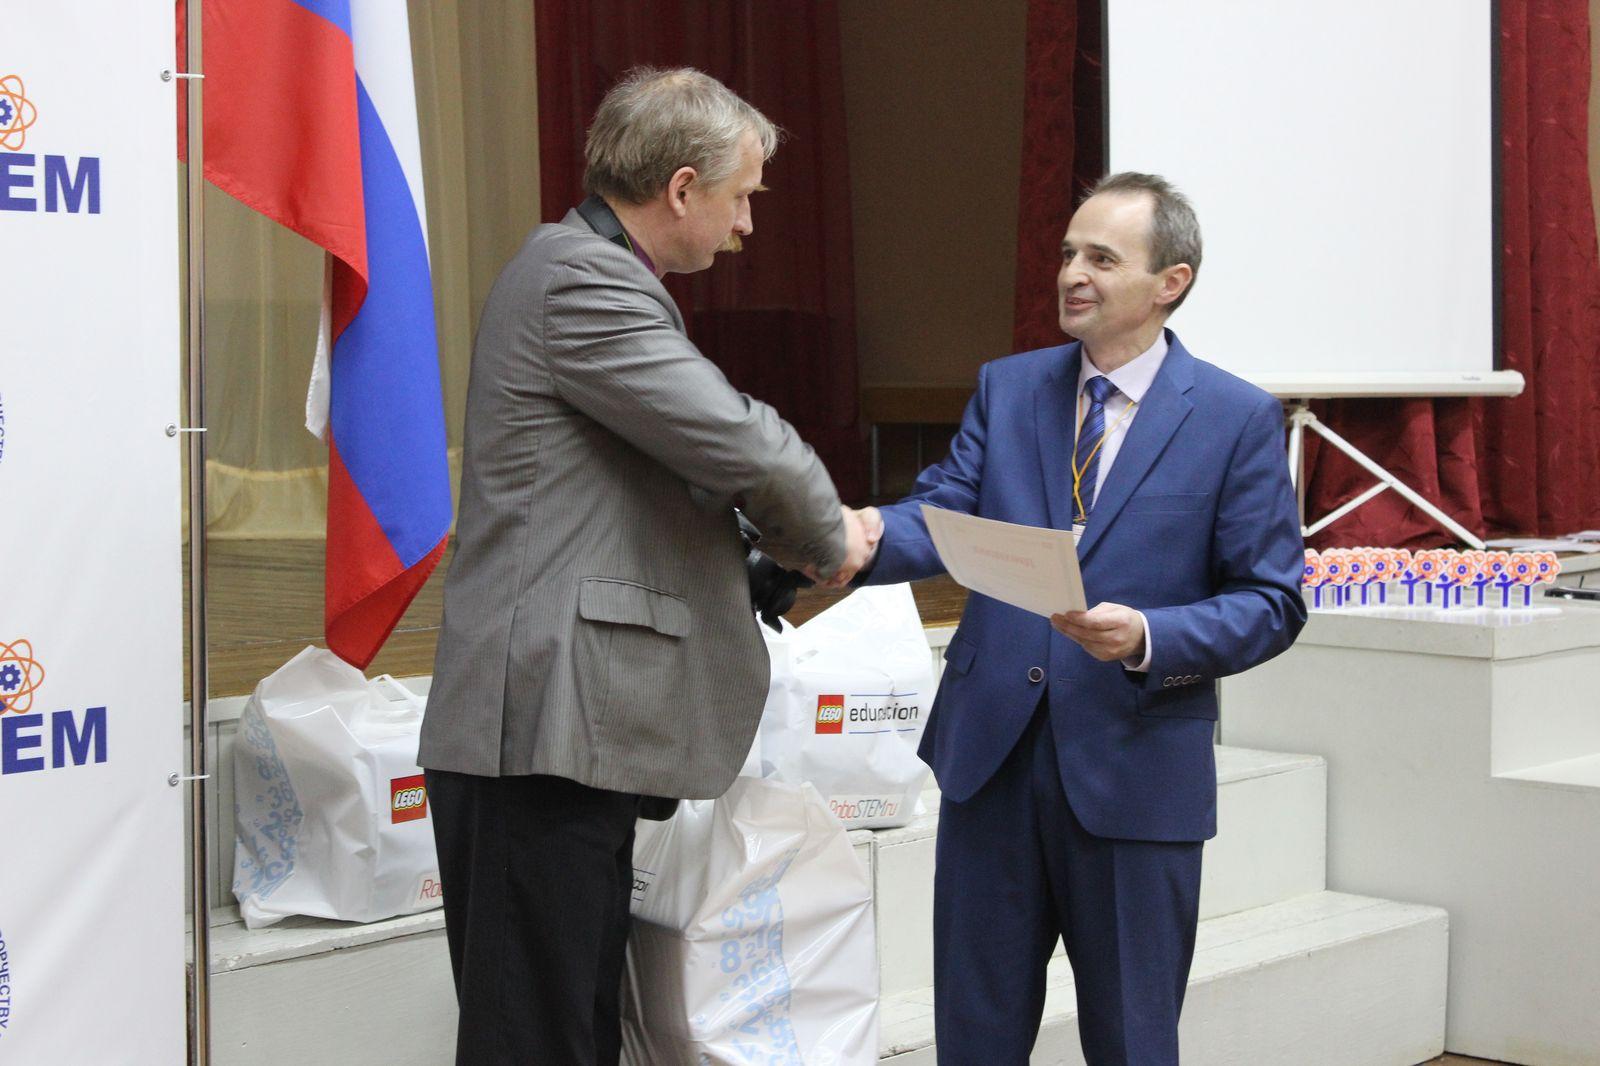 """Приз """"Самая эффективная команда"""" получает Лицей №17 города Северодвинска"""